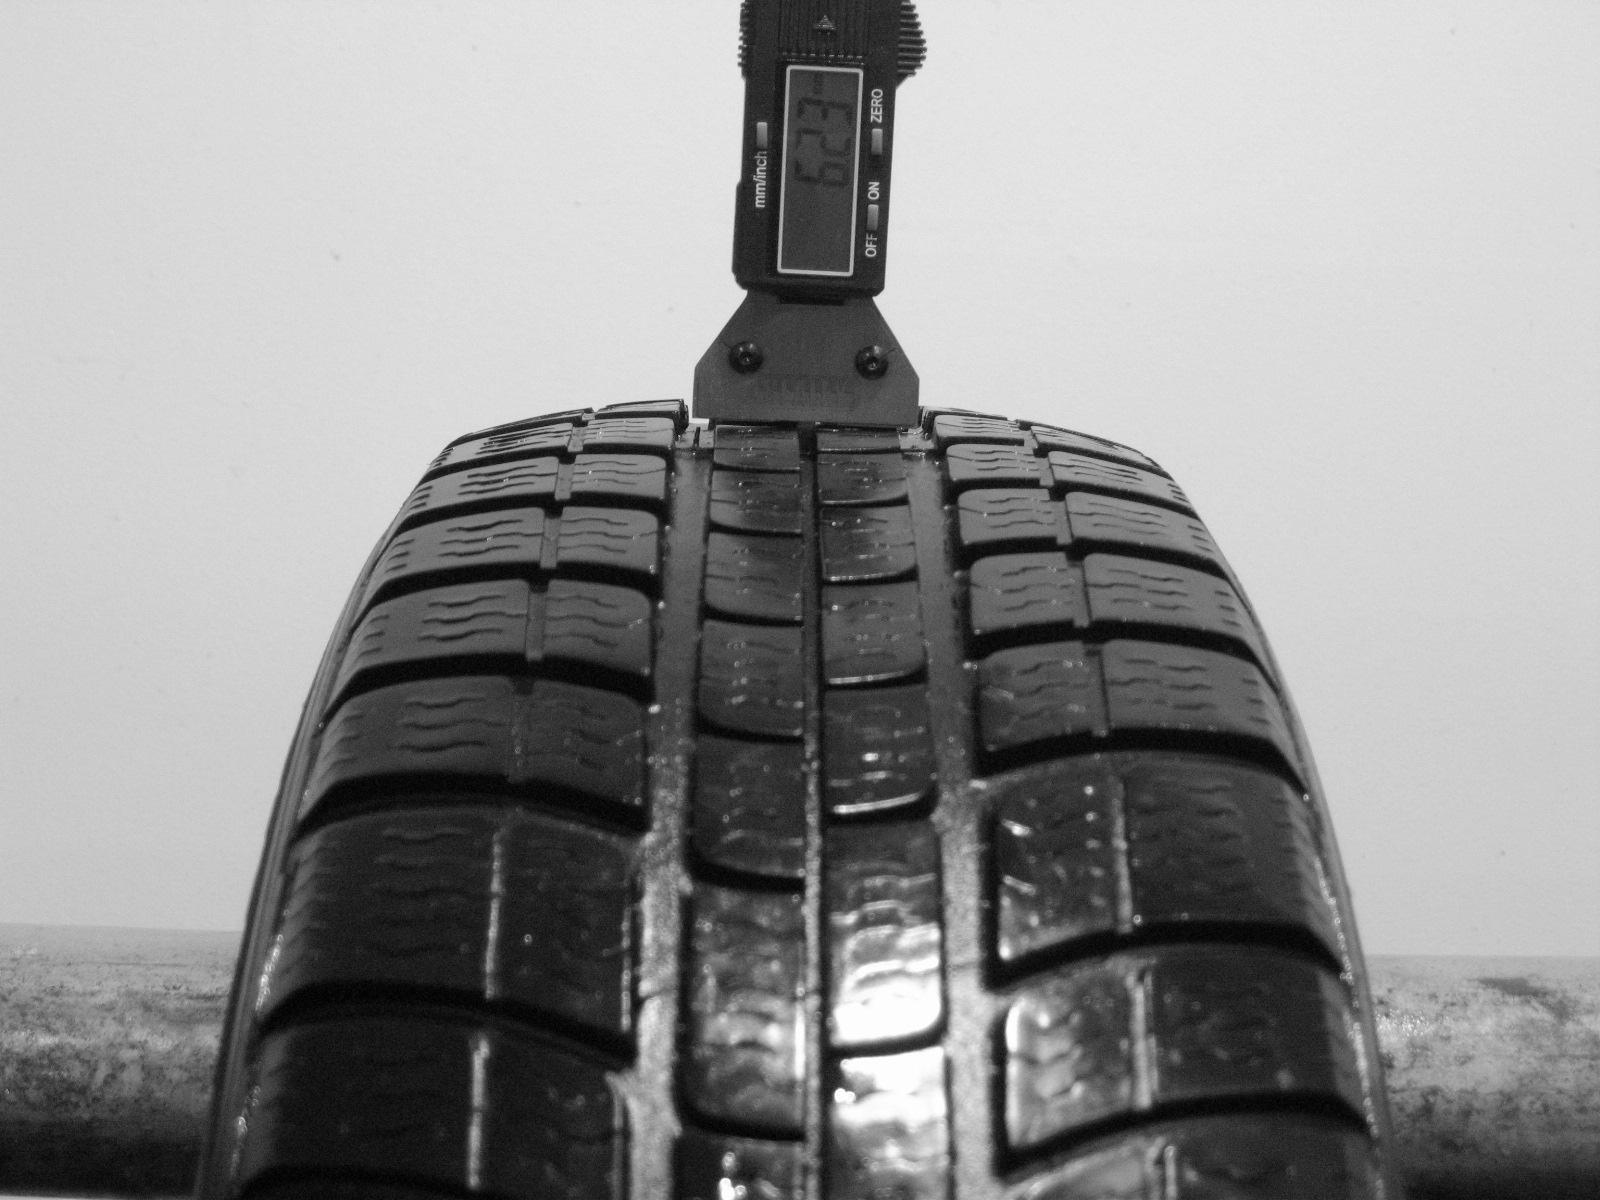 Použité-Pneu-Bazar - 185/65 R14 MICHELIN ALPIN A2 -kusovka-rezerva 3mm